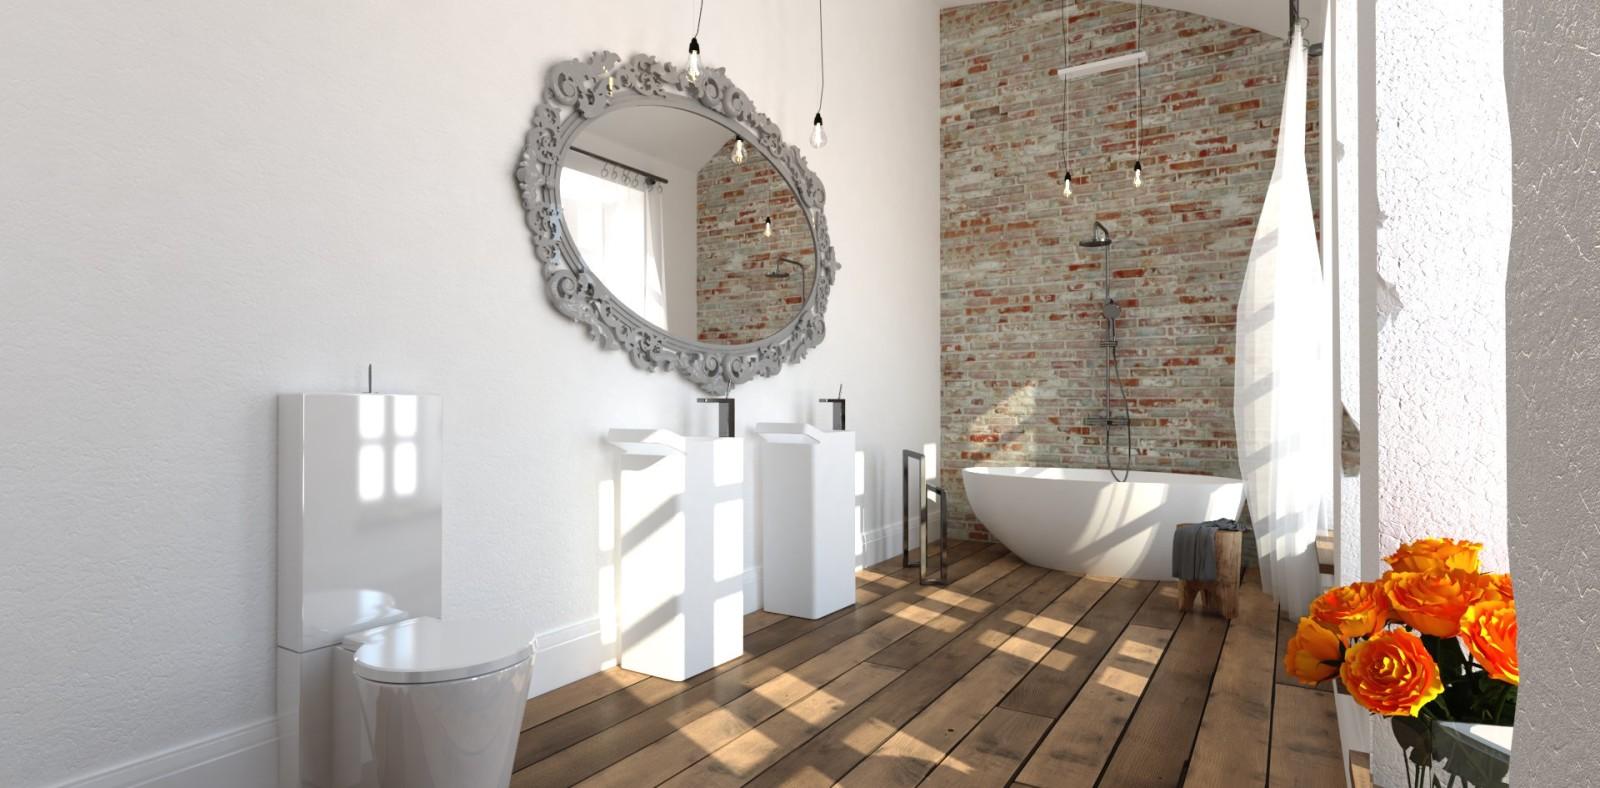 Łazienka w starym wnętrzu